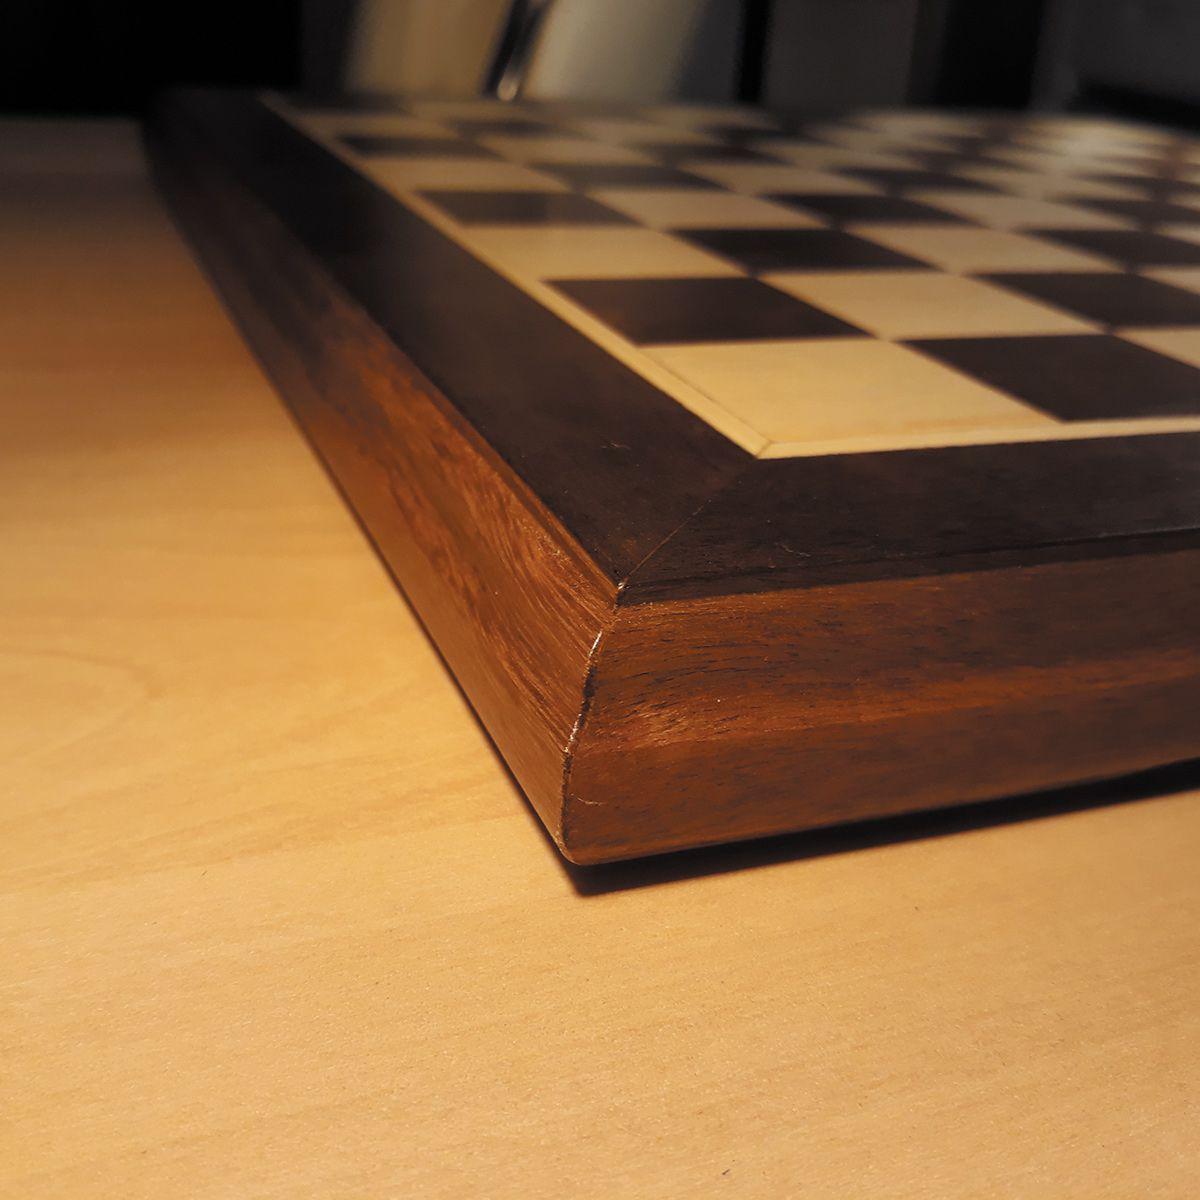 Tabuleiro de Xadrez Plano Marchetado madeira nobre 35x35cm